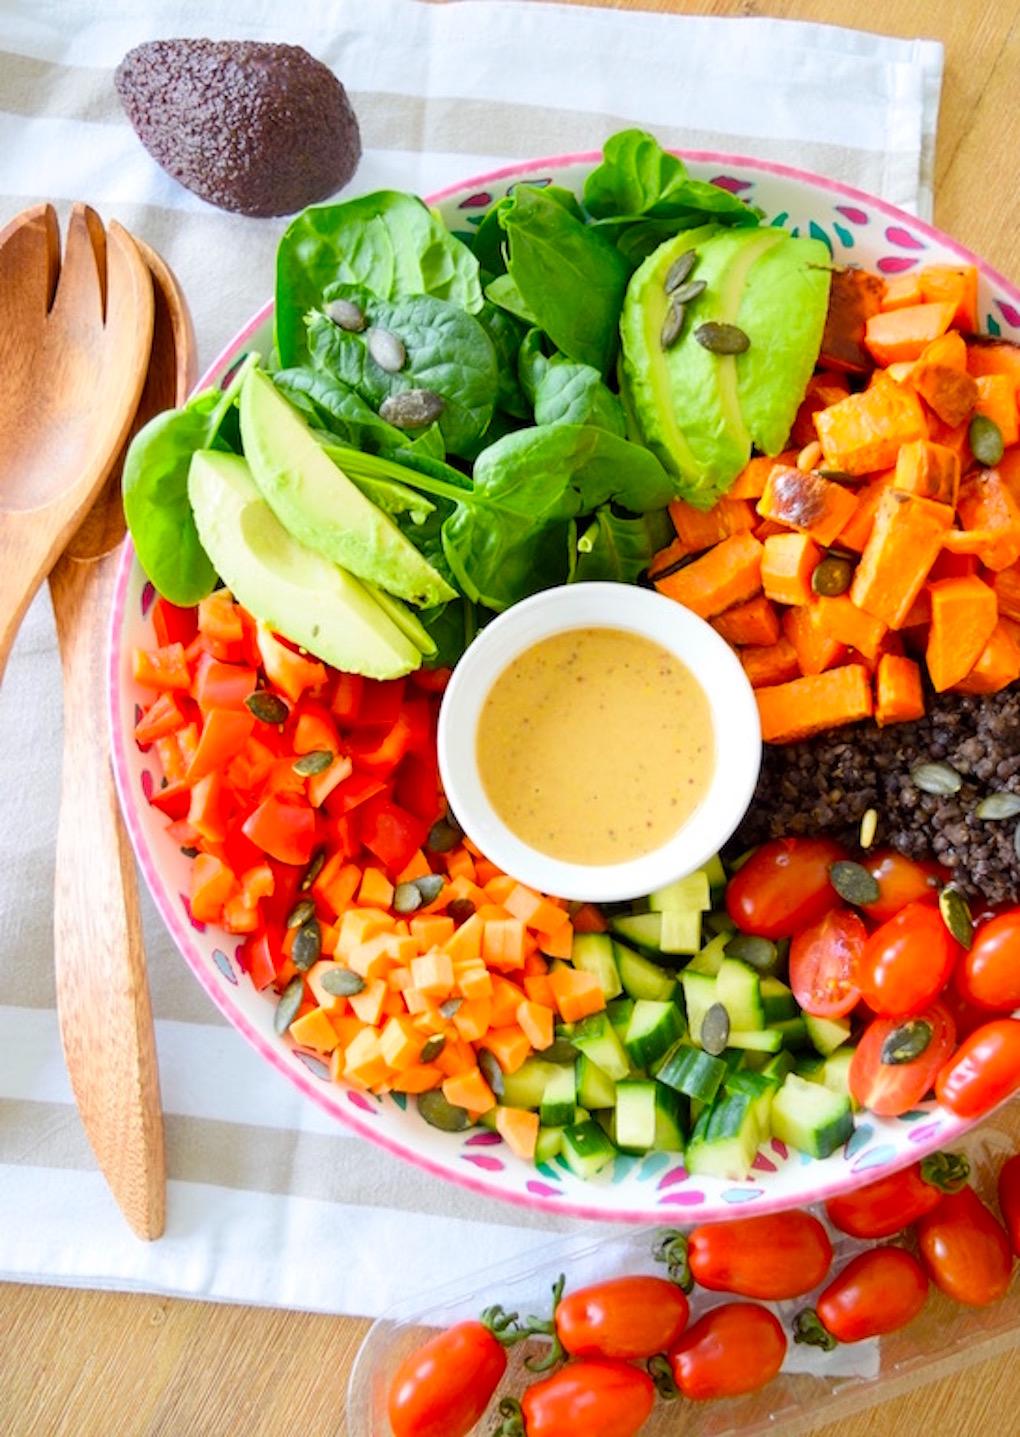 regenbogensalat